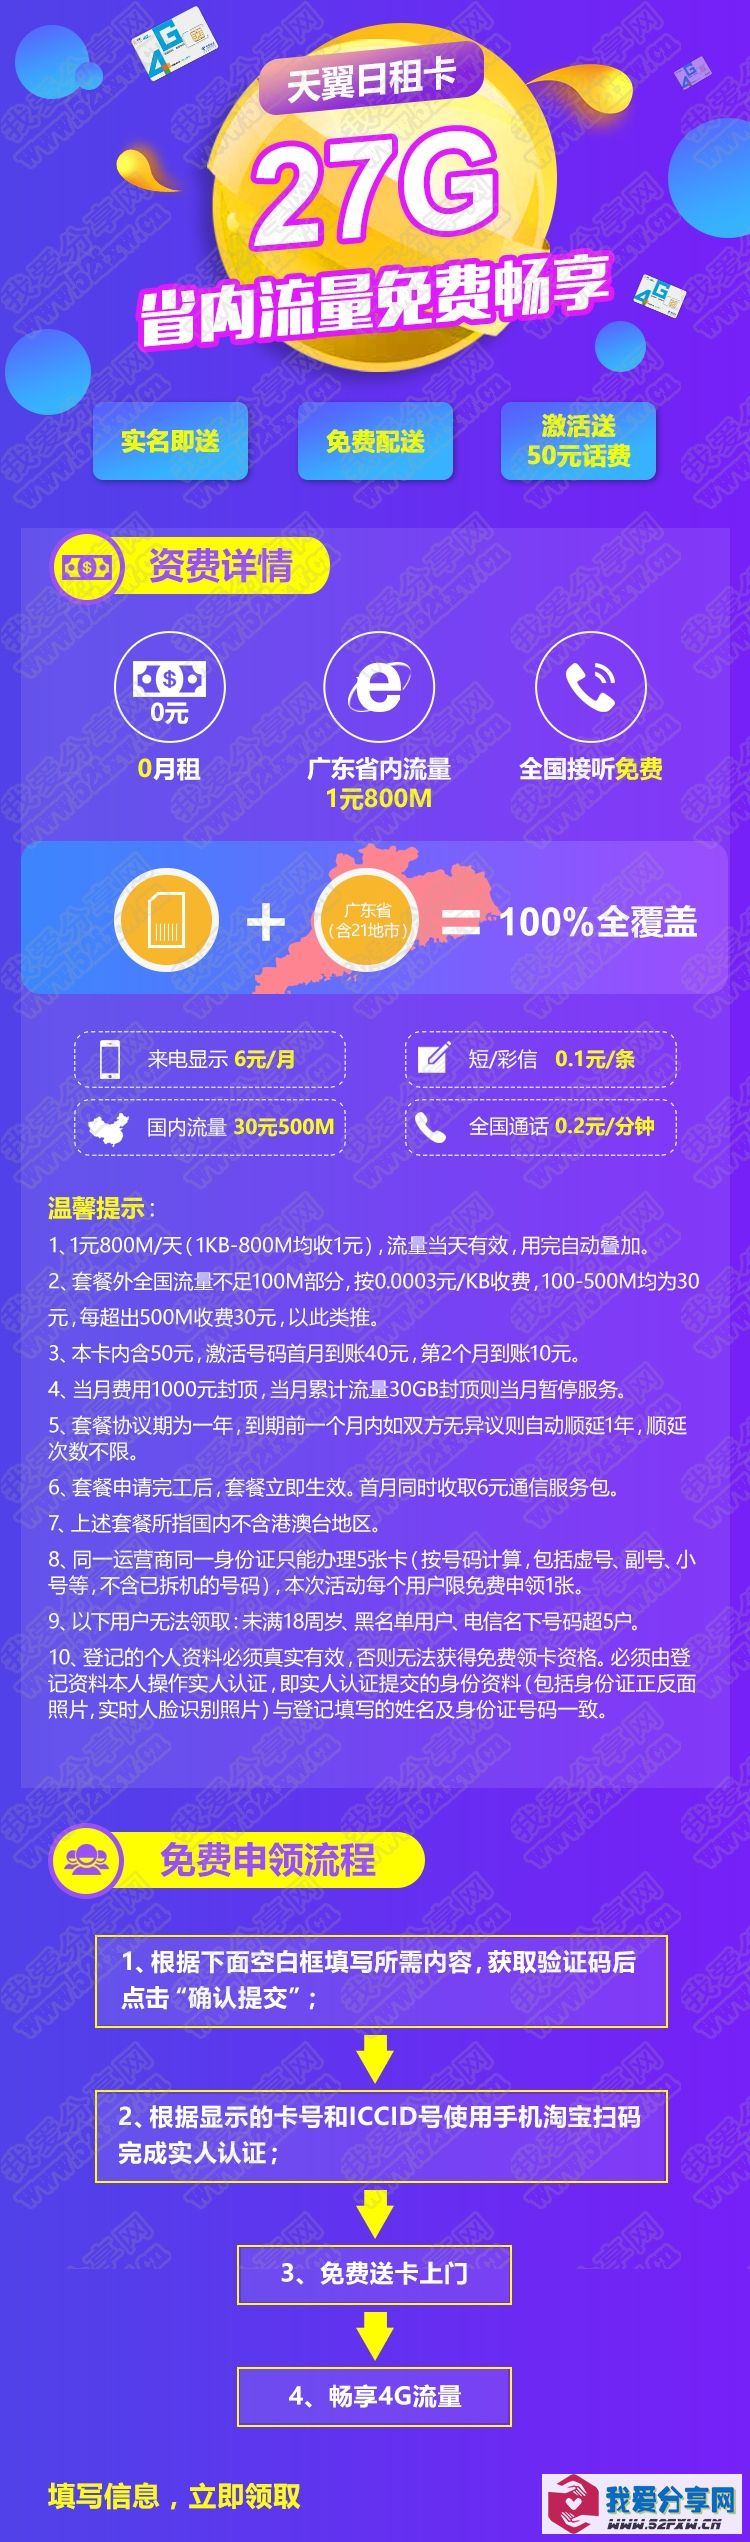 免费申请广东电信日租卡0月租